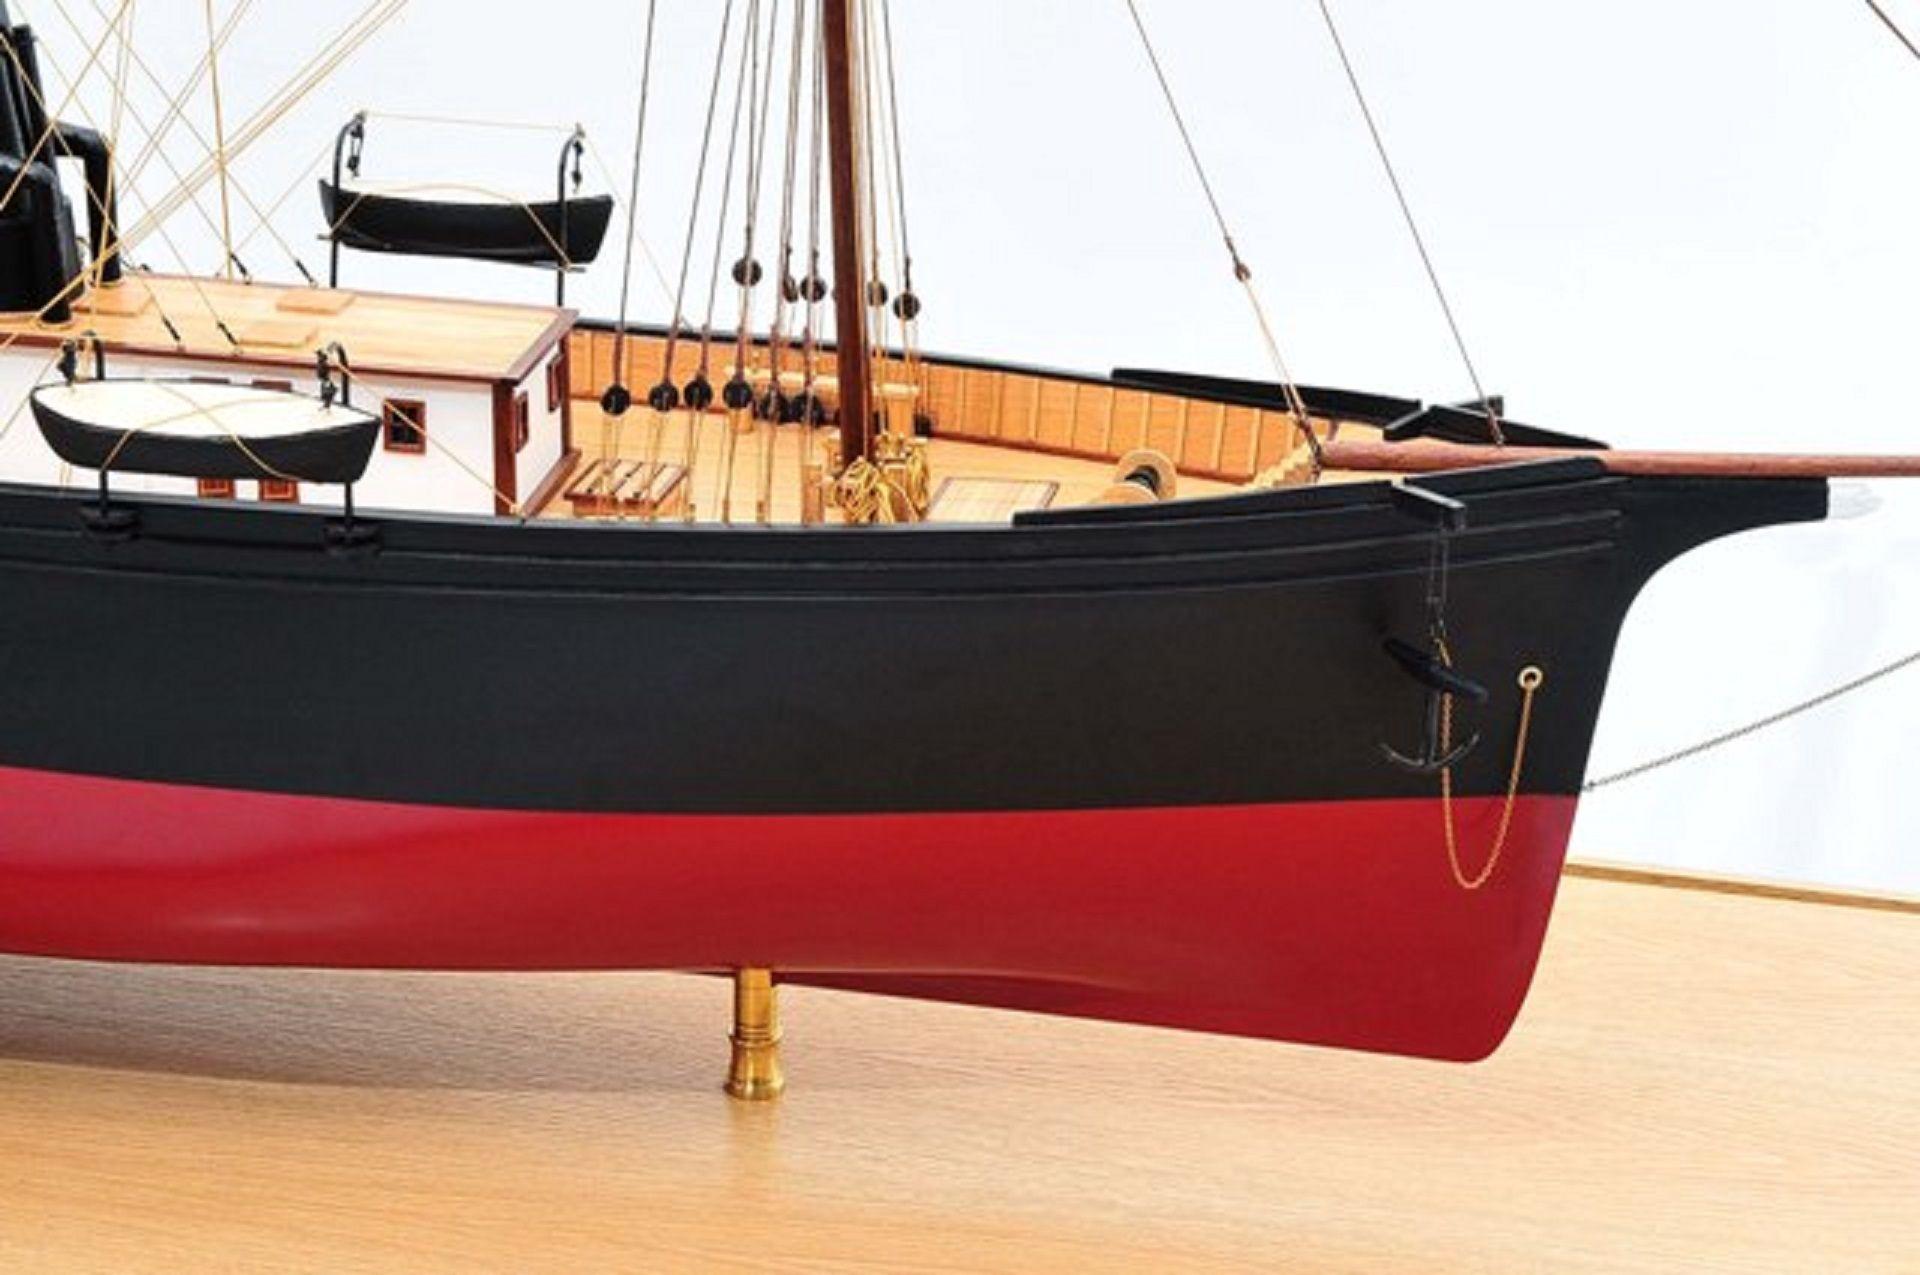 668-8645-California-Model-Ship-Premier-Range